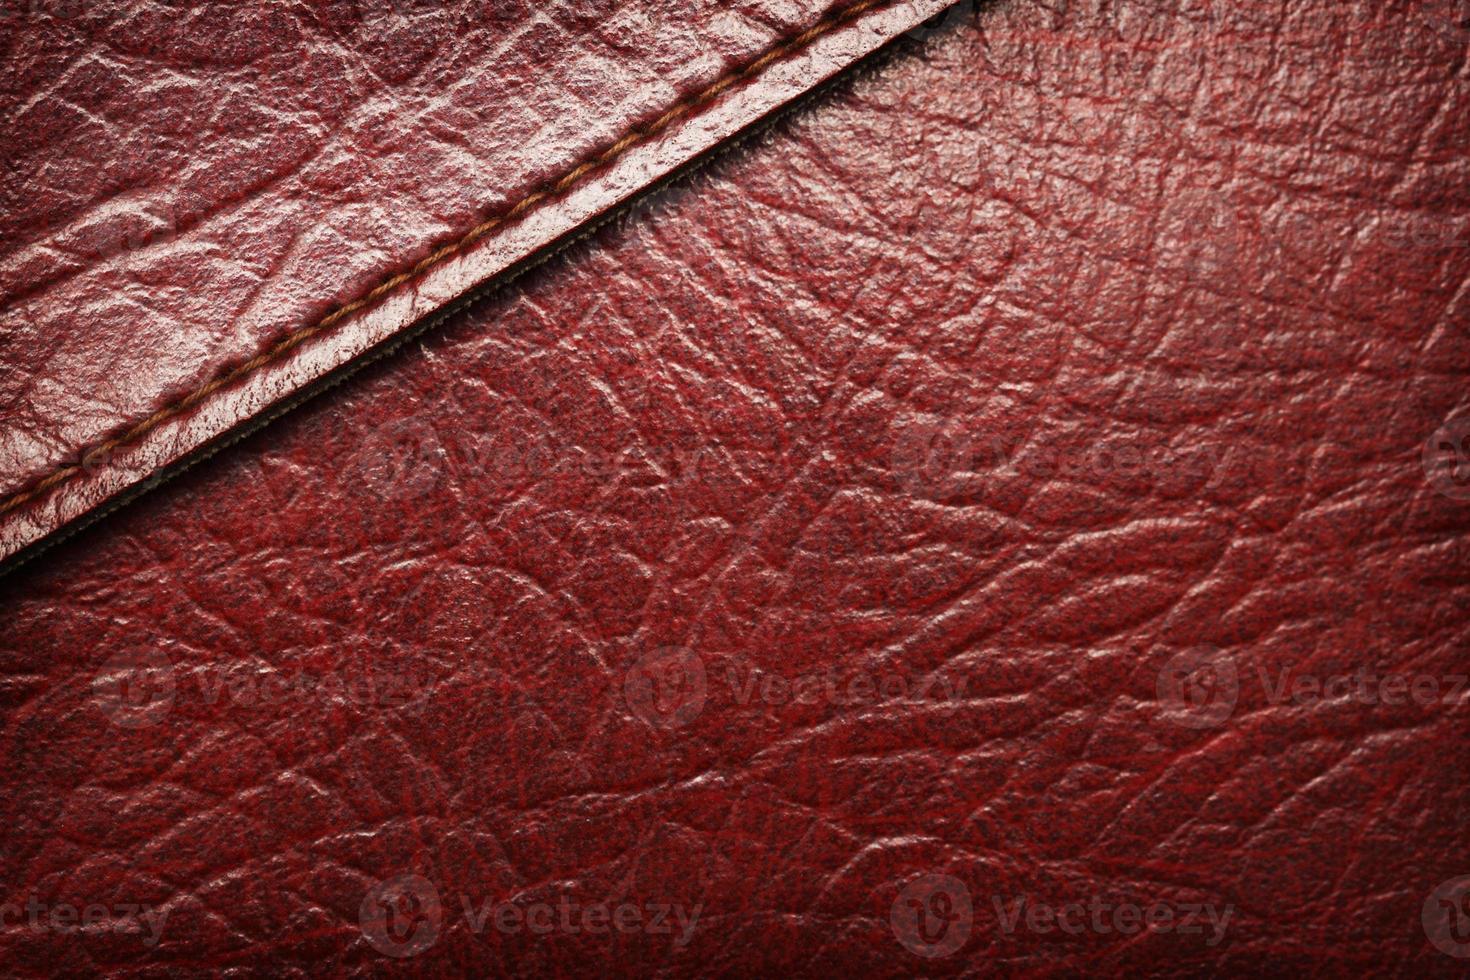 Leather background photo